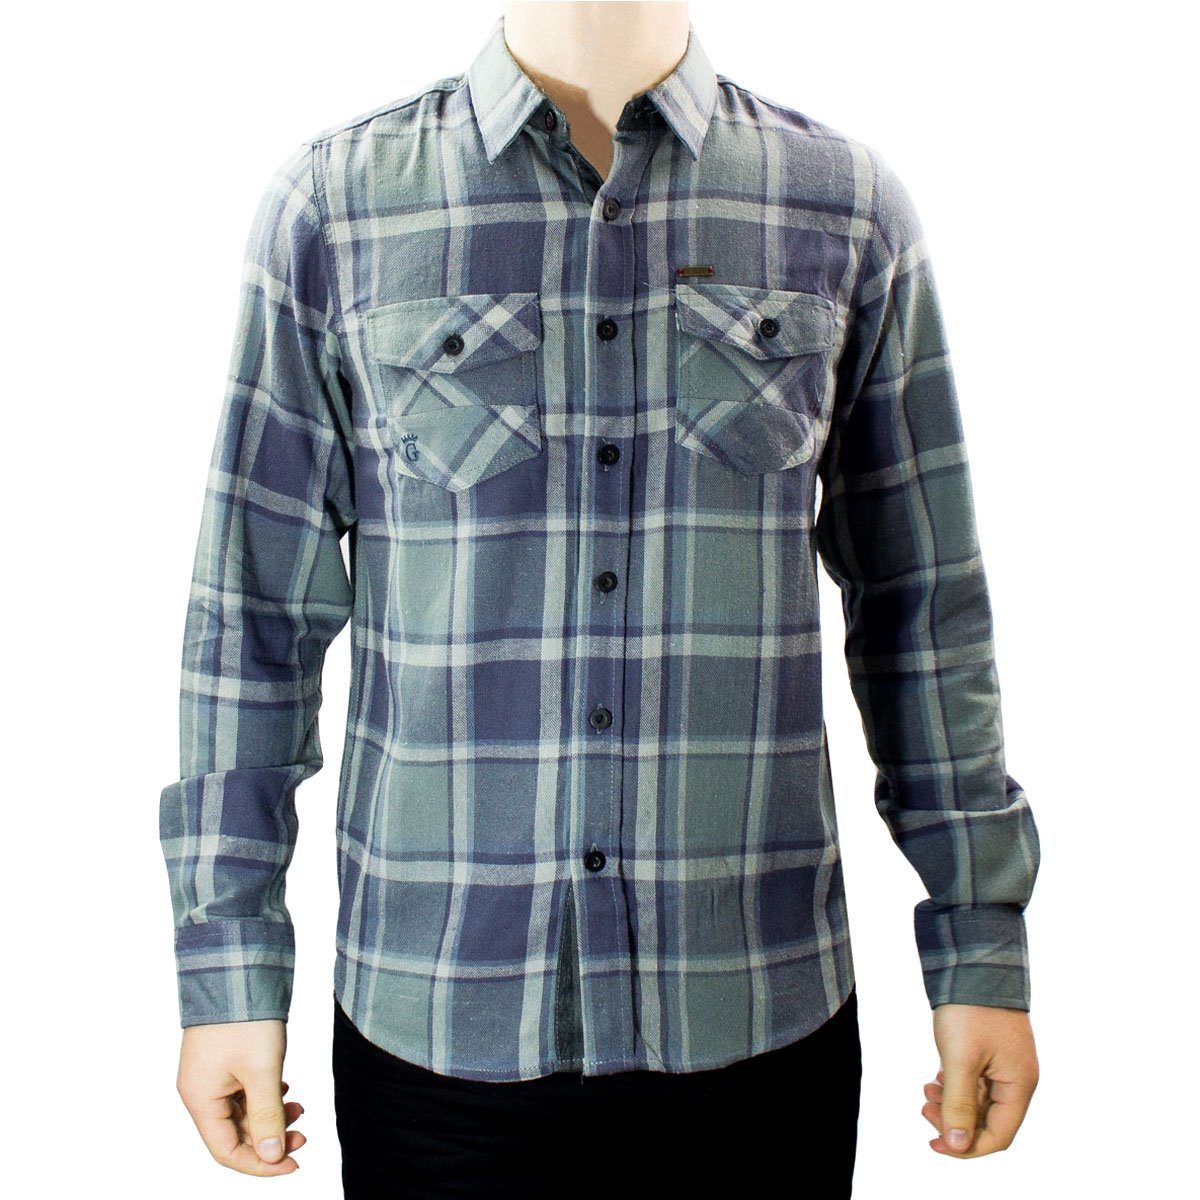 df7dff06d3 Imagem - Camisa Flanela Xadrez Gangster 15.27.0010 - 054954